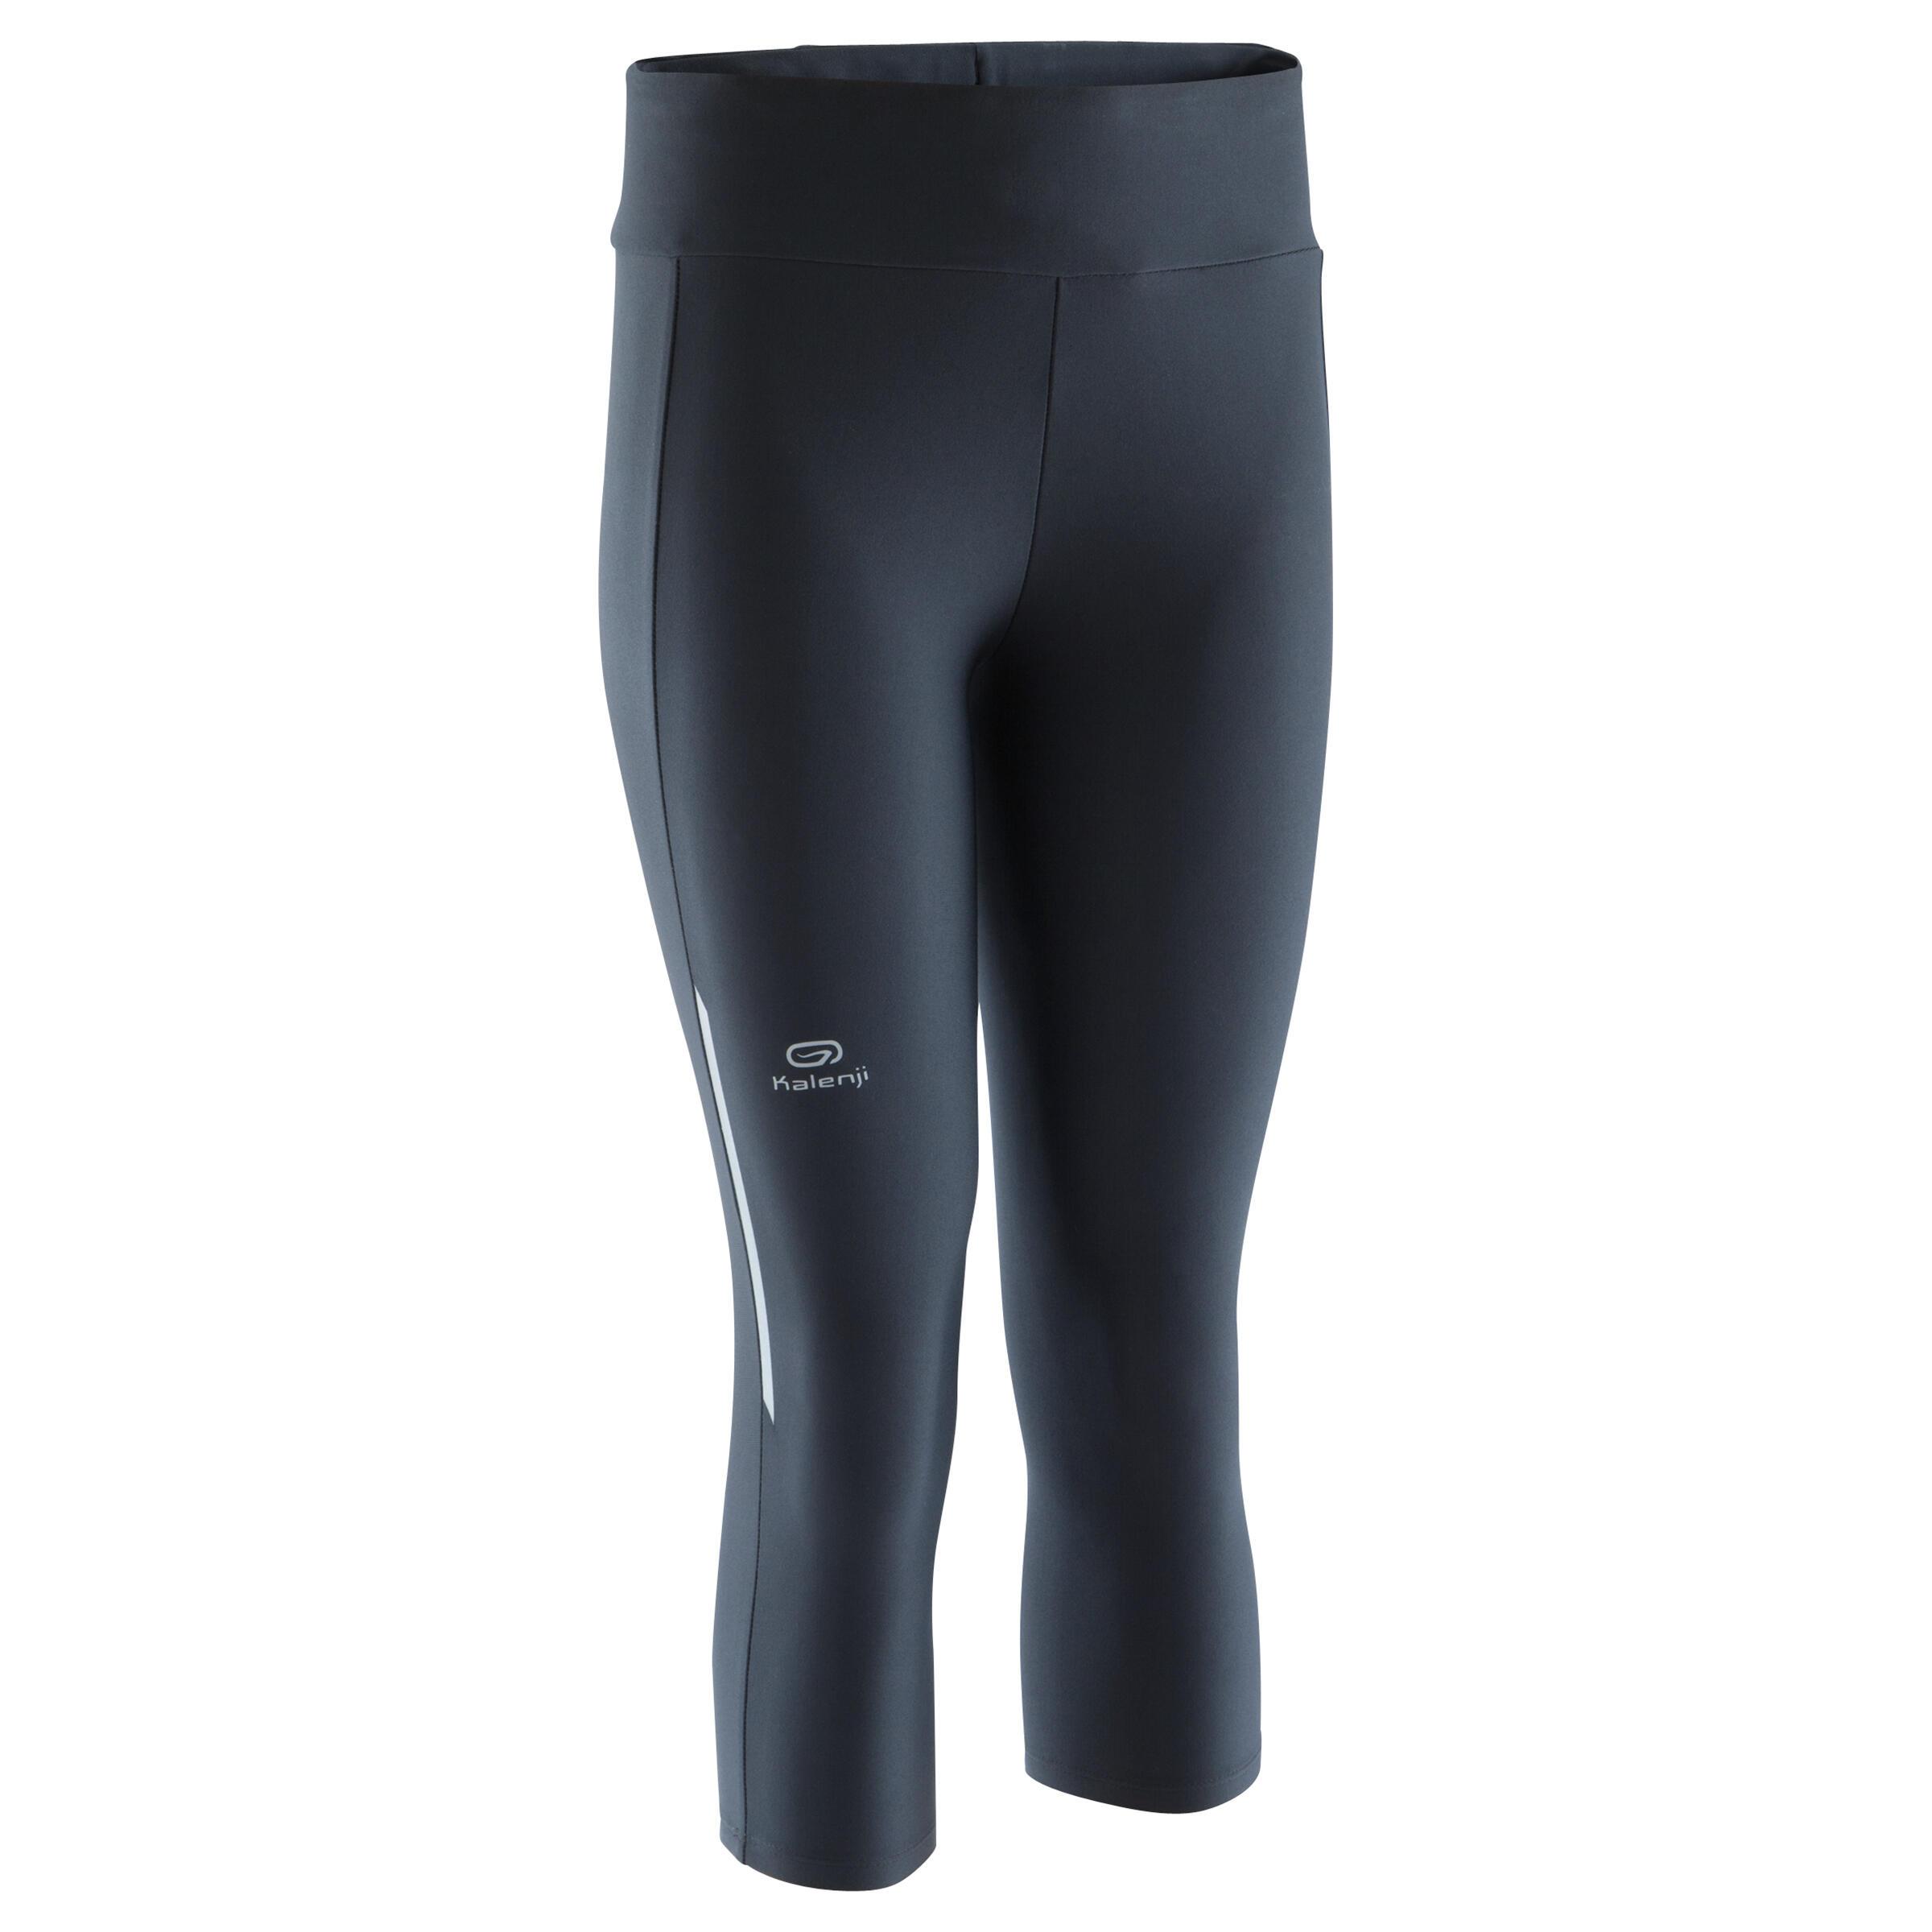 Laufhose 3/4 Tights Run Dry Damen schwarz | Sportbekleidung > Sporthosen > Laufhosen | Kalenji